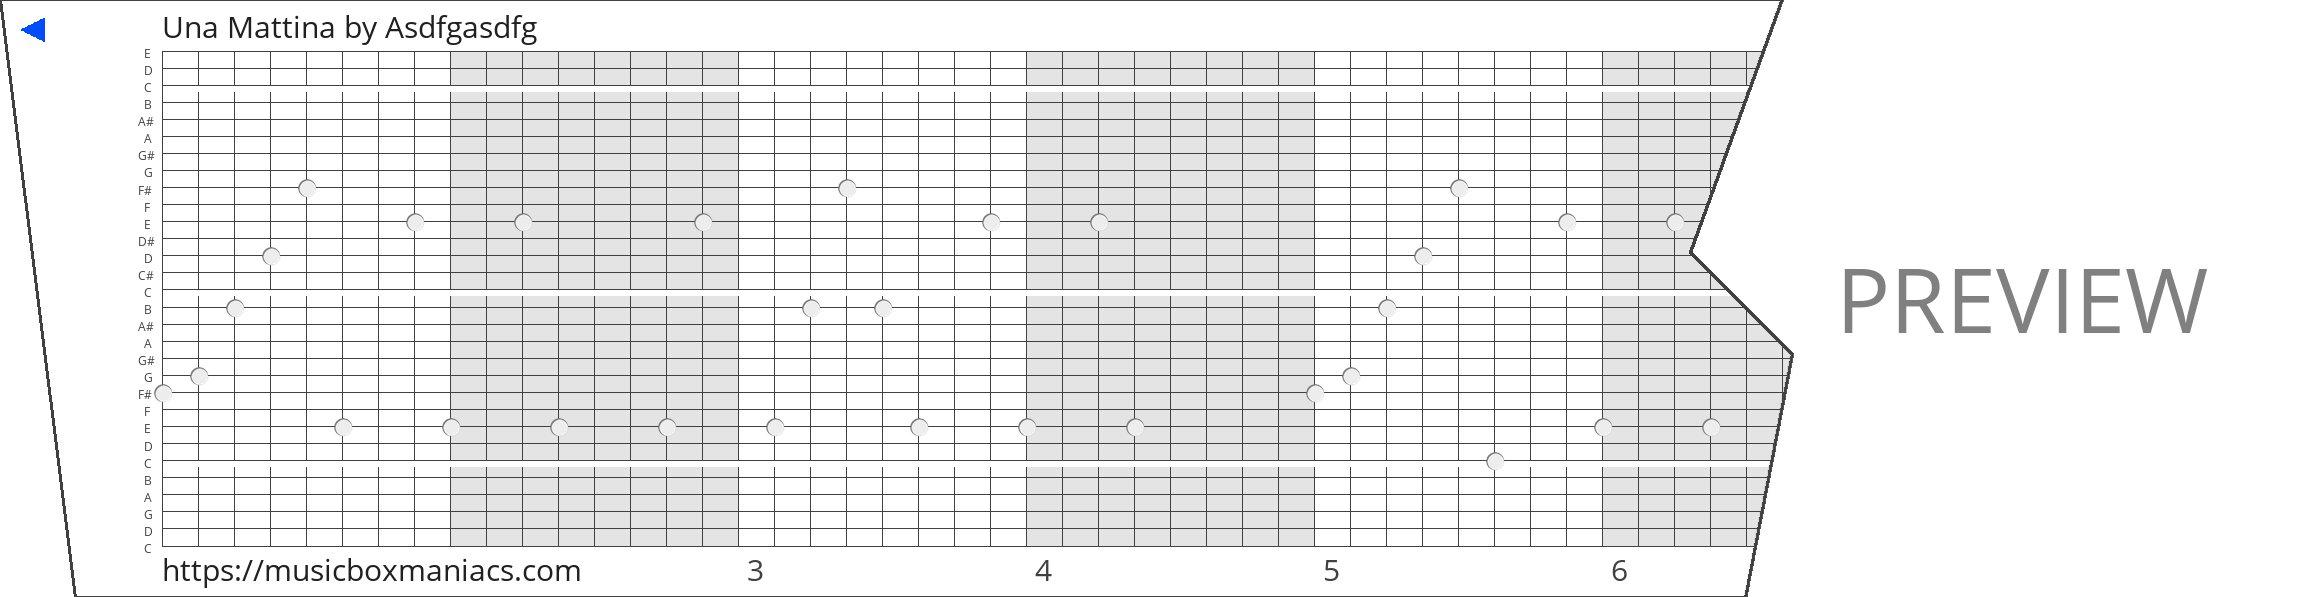 Una Mattina 30 note music box paper strip